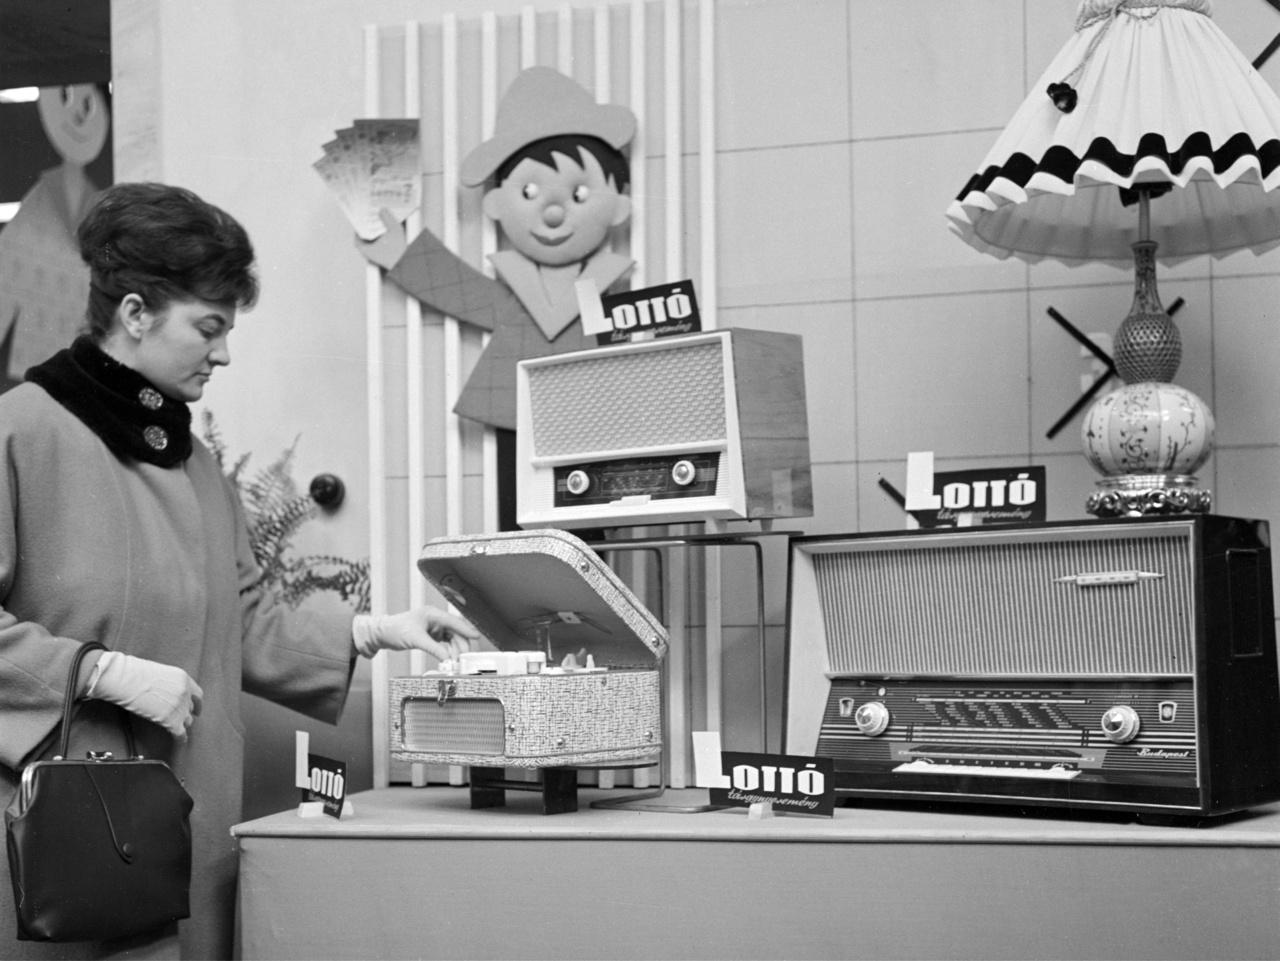 """Nő szalagos magnetofonnal a Rákóczi úti Lottó Áruházban 1963-banAz 1950-1960-as években az ország legmodernebb áruházának kikiáltott szocialista pláza a lottó-tárgynyeremények állandó bemutatója és beváltóhelye volt. És többmillió magyar nem tévedhet: """"A lottózók a Lottó Áruházban vásárolnak!"""" - szólt a reklám."""